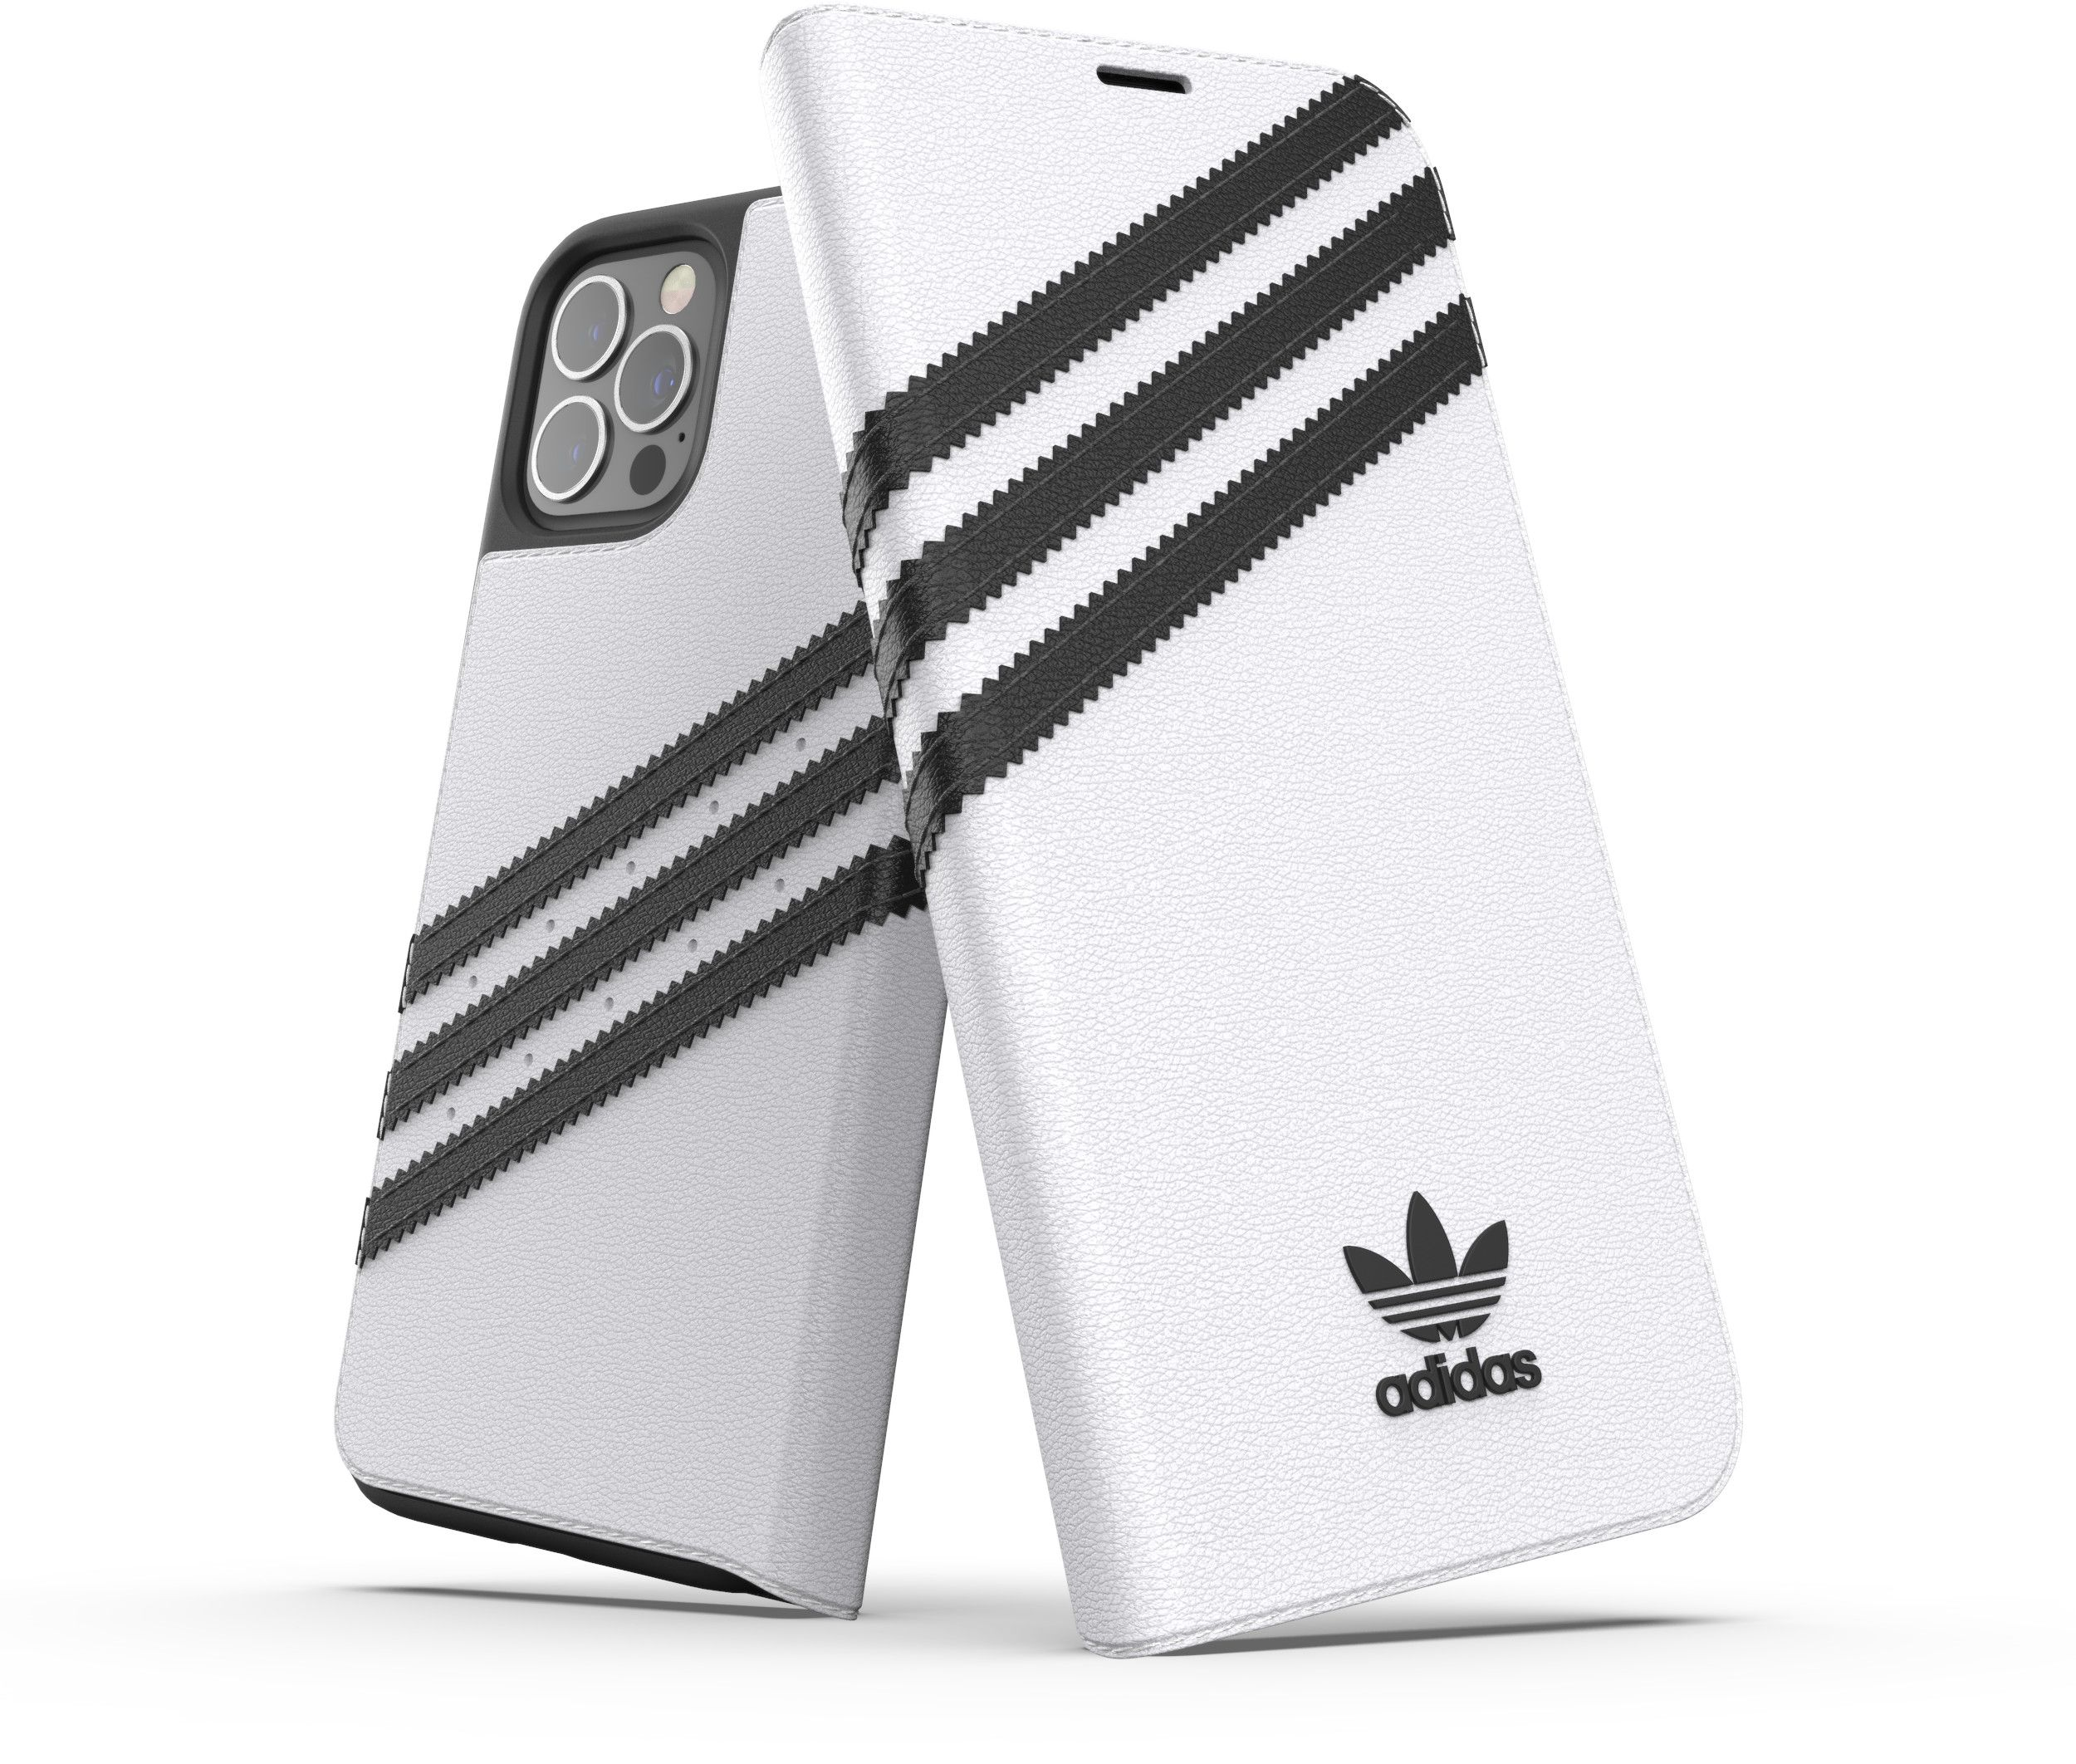 Adidas OR Original Booklet Case (iPhone 12/12 Pro) - Svart/vit